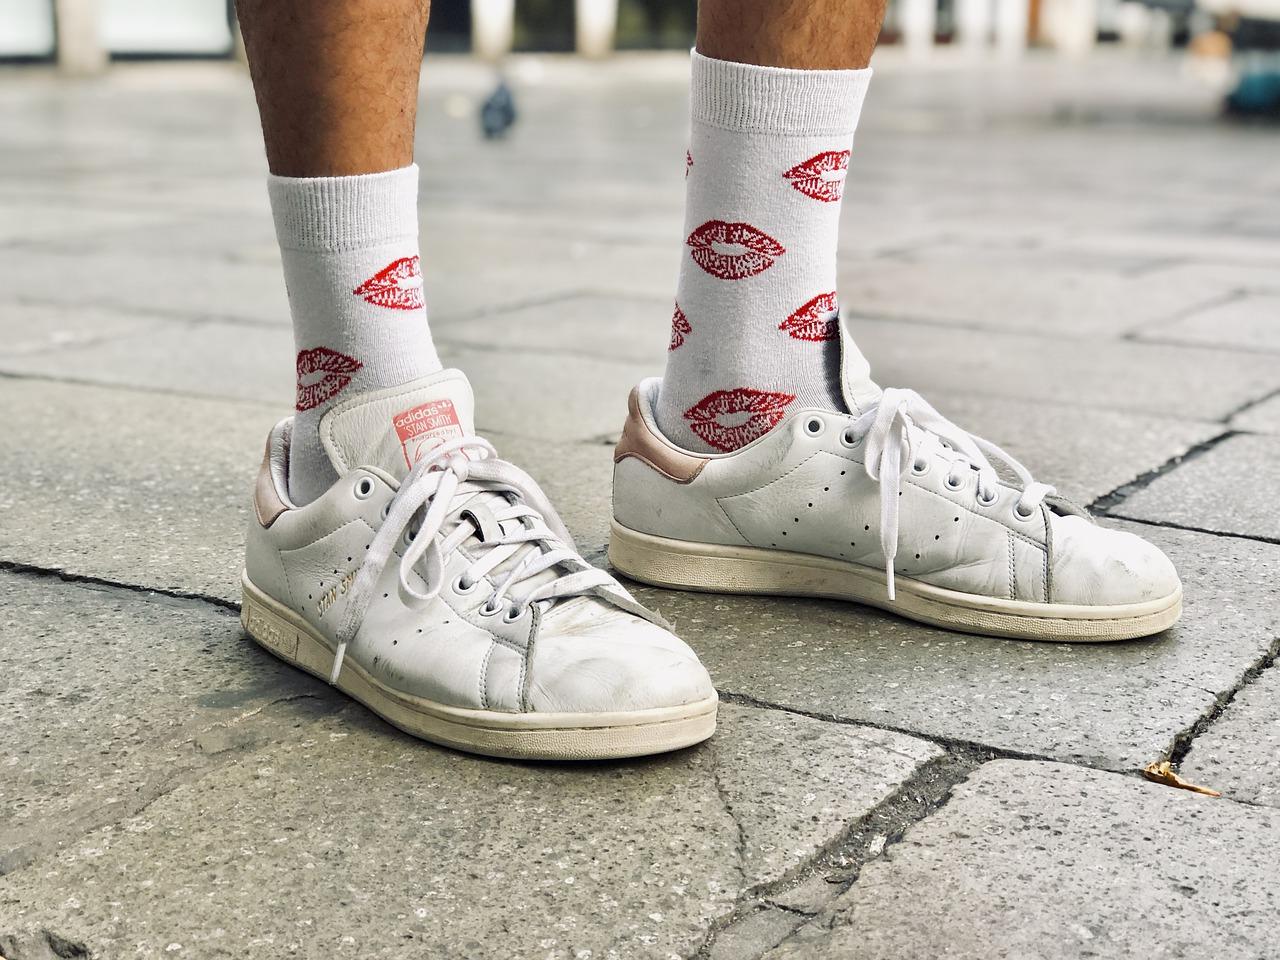 The Men's Dress Socks